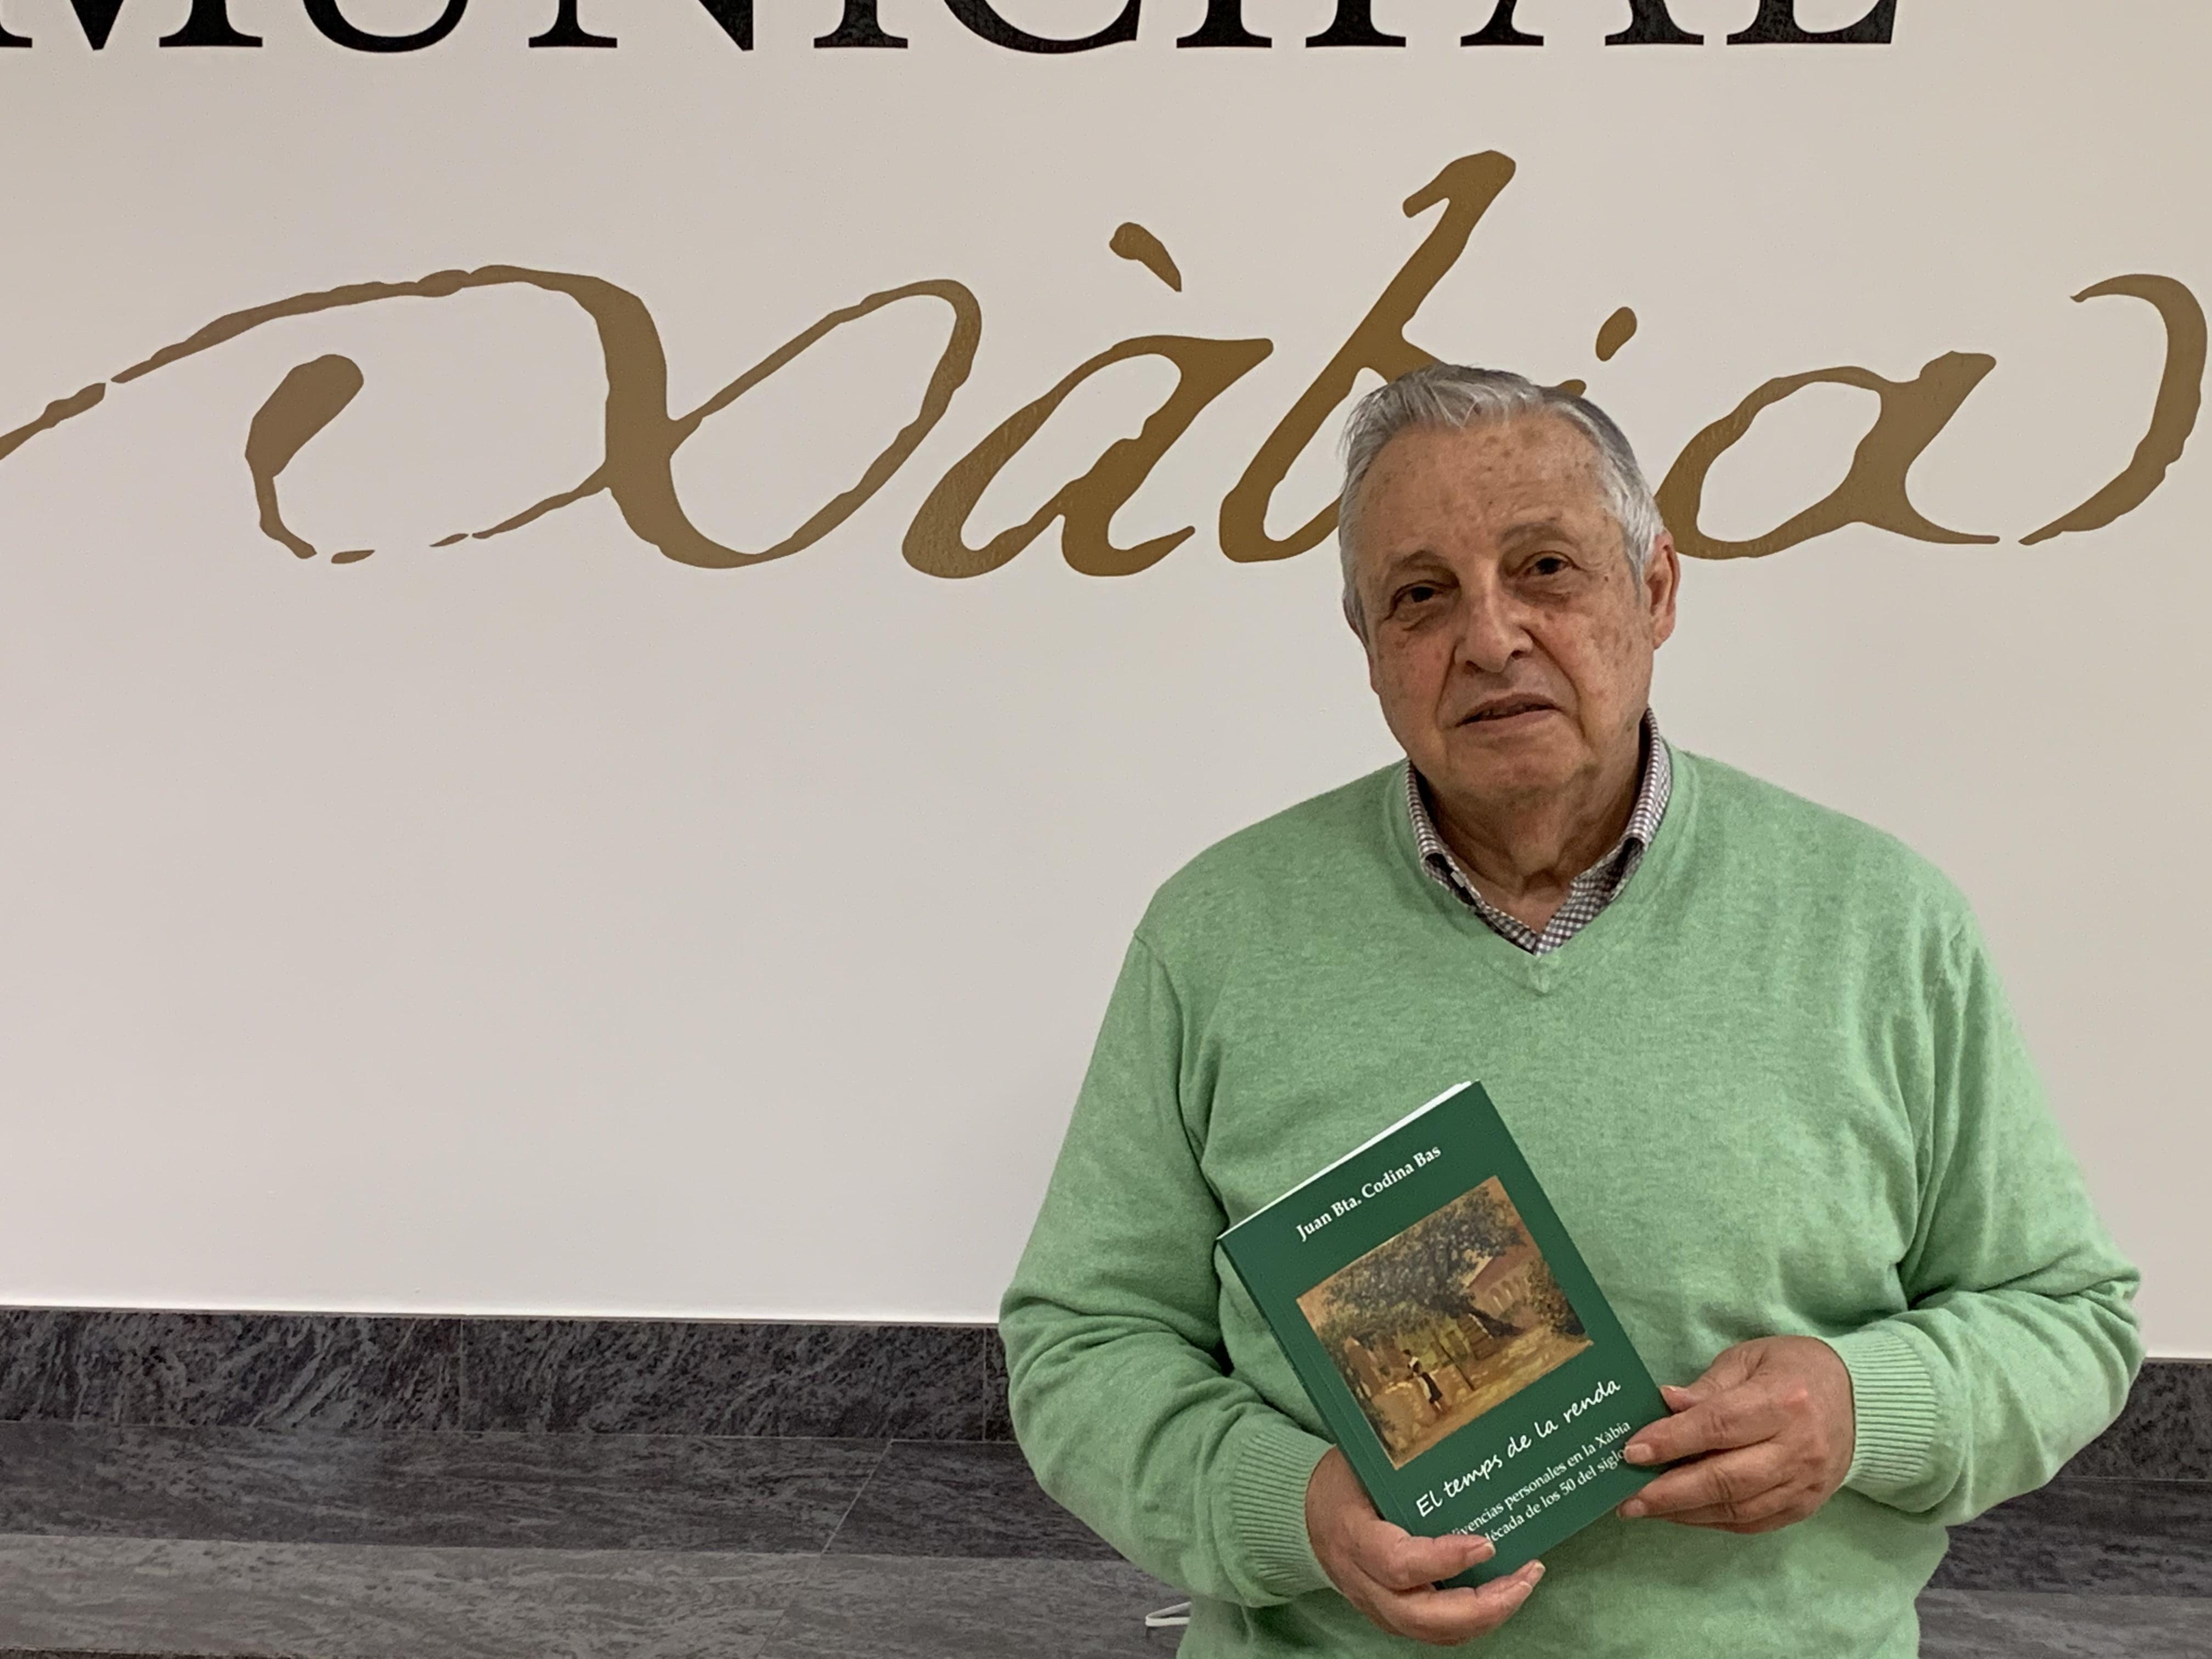 Juan Bta Codina Bas con el libro